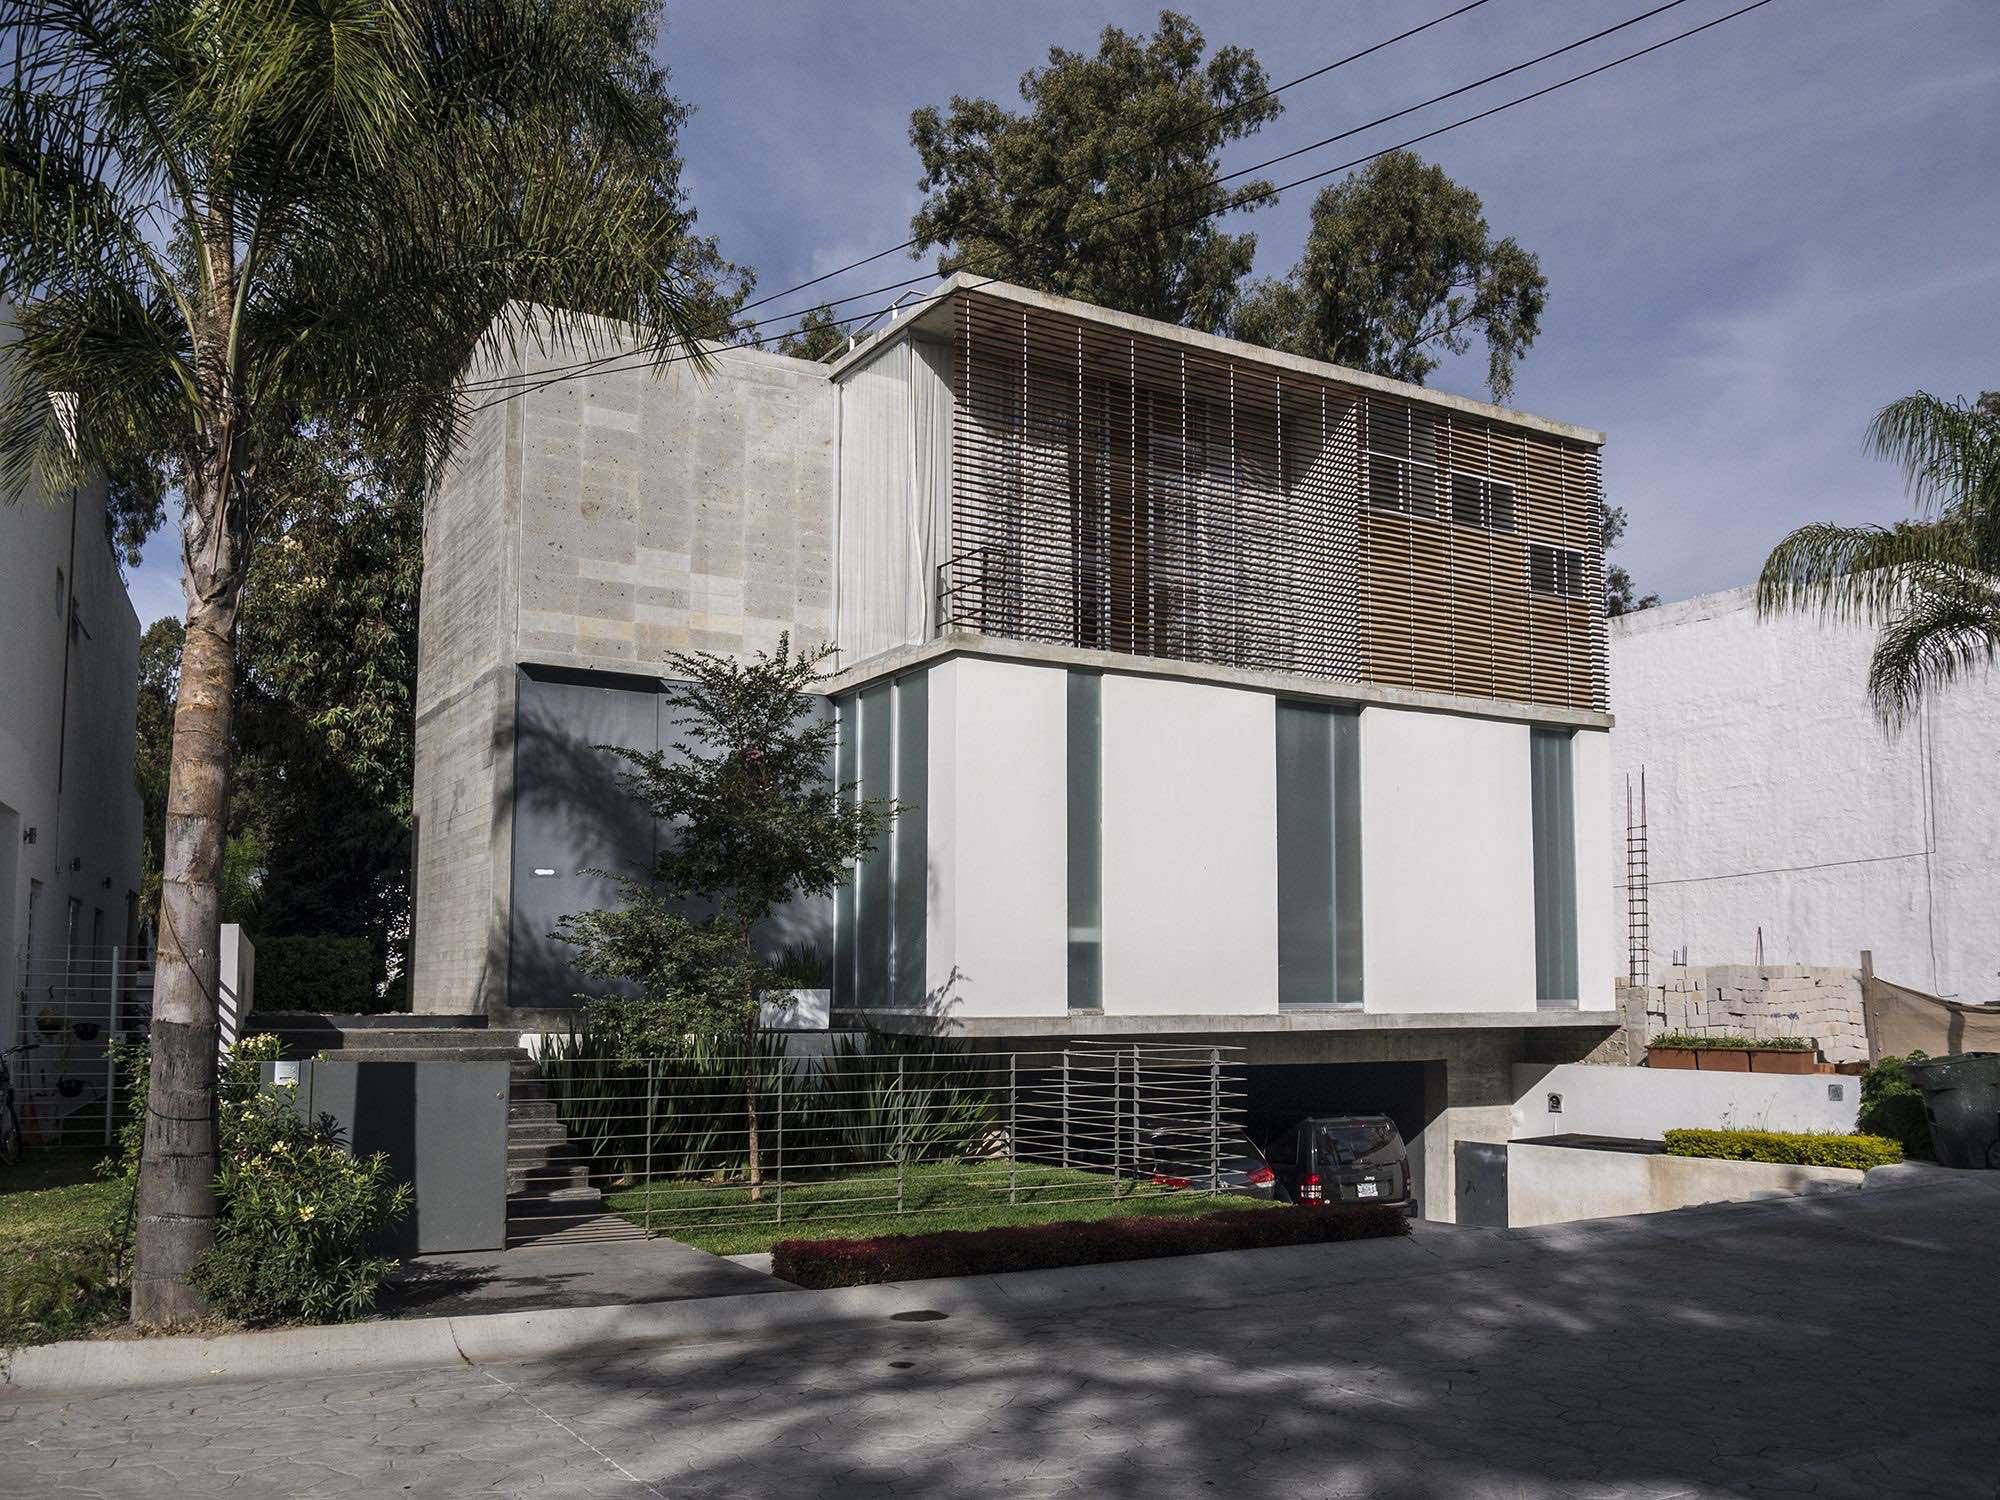 Casa eR2_02